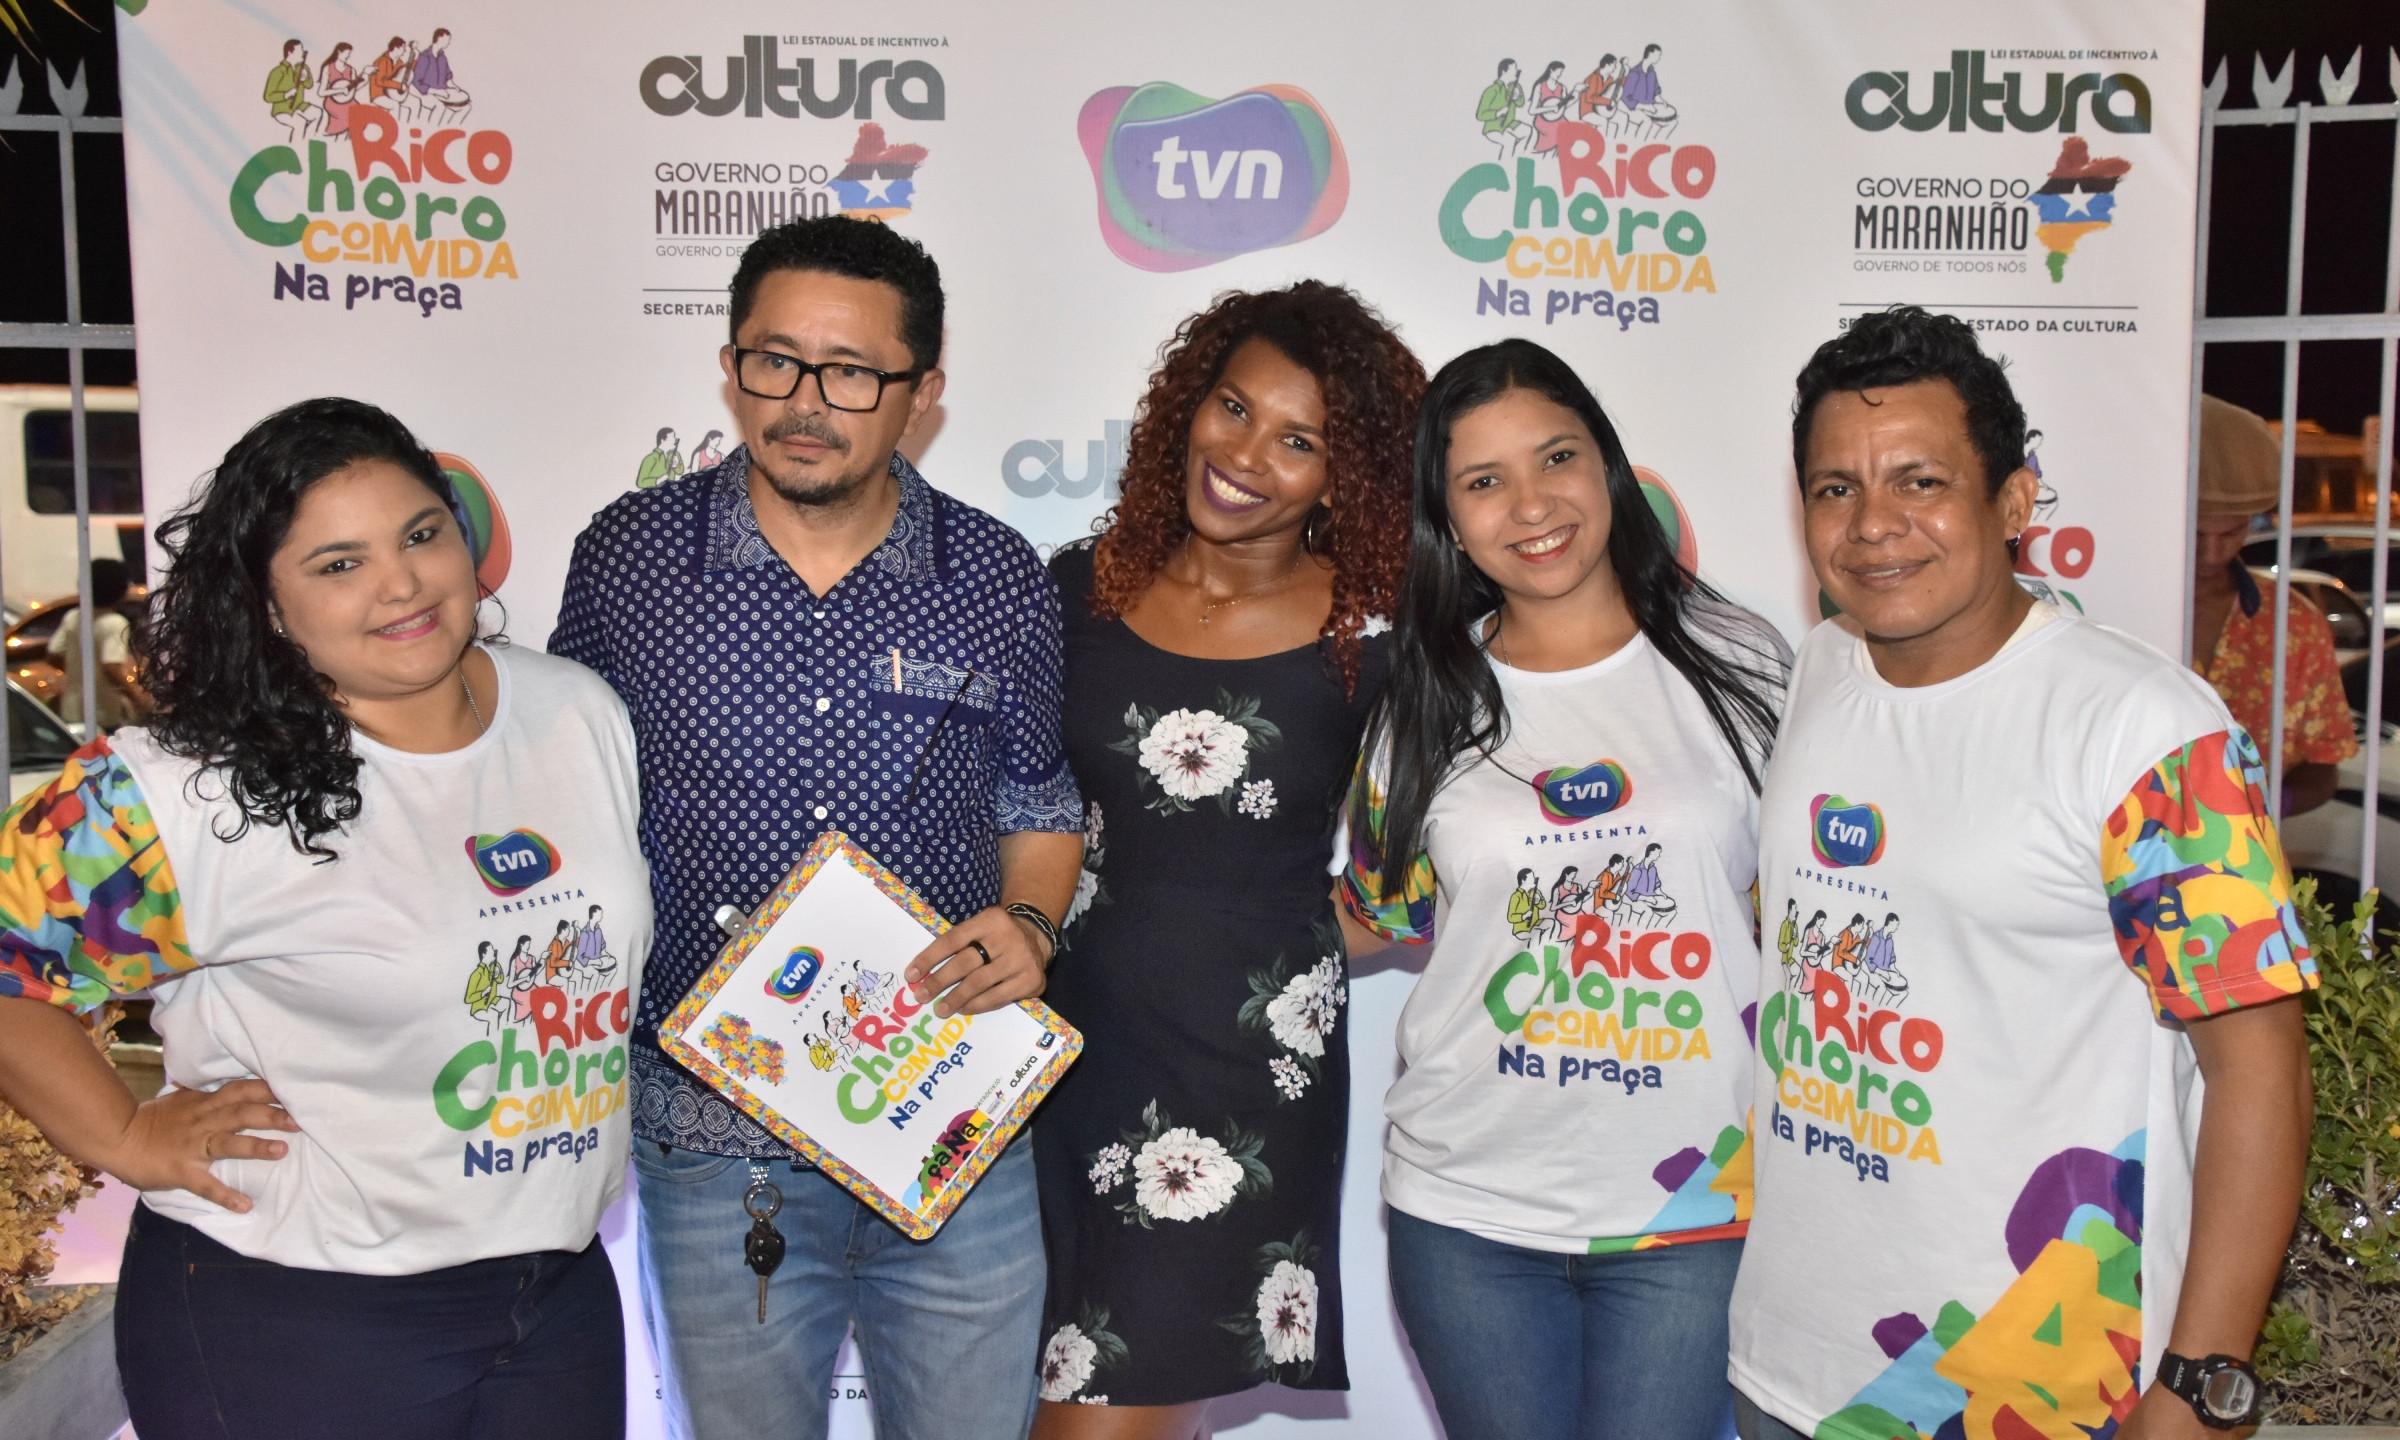 Dayrlene Penha, Ricarte Almeida Santos, Euricélia Coqueiro, Darliene Penha e Marcos Lussaray.